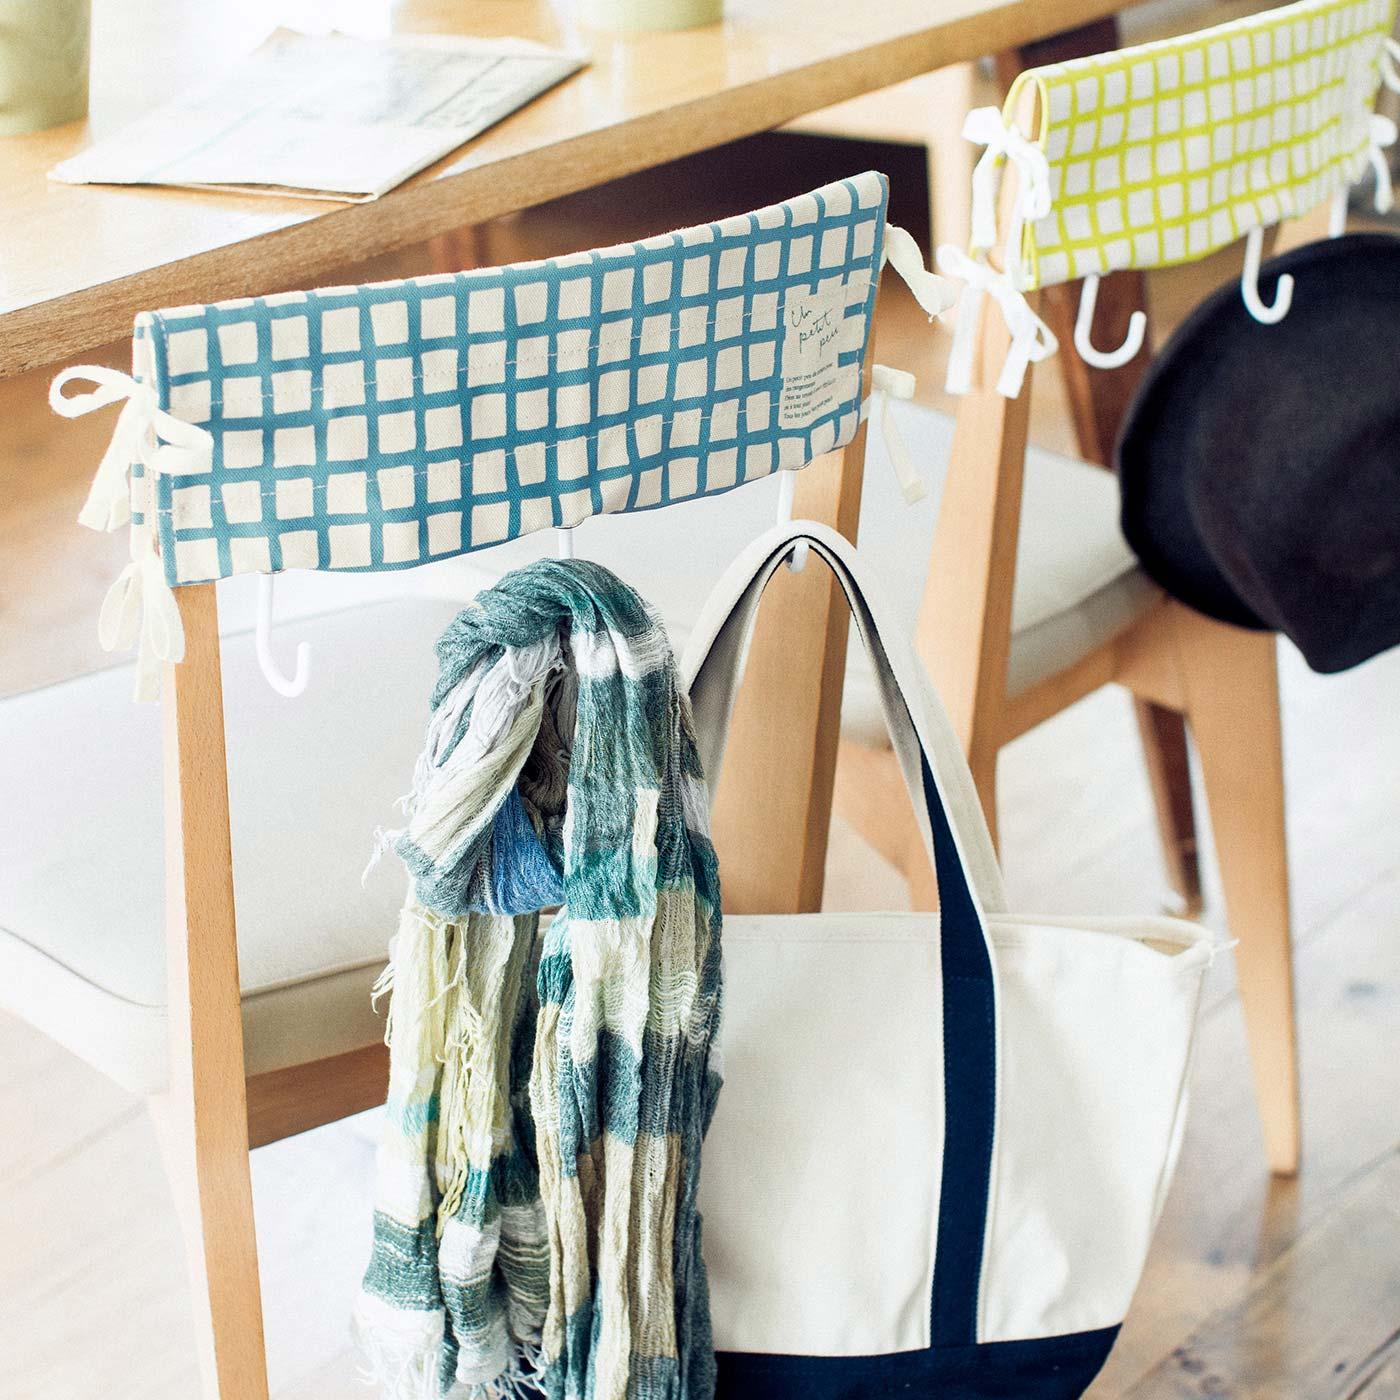 フェリシモ いすに付けてテーブルすっきり フック付きチェアカバーの会【定期便】